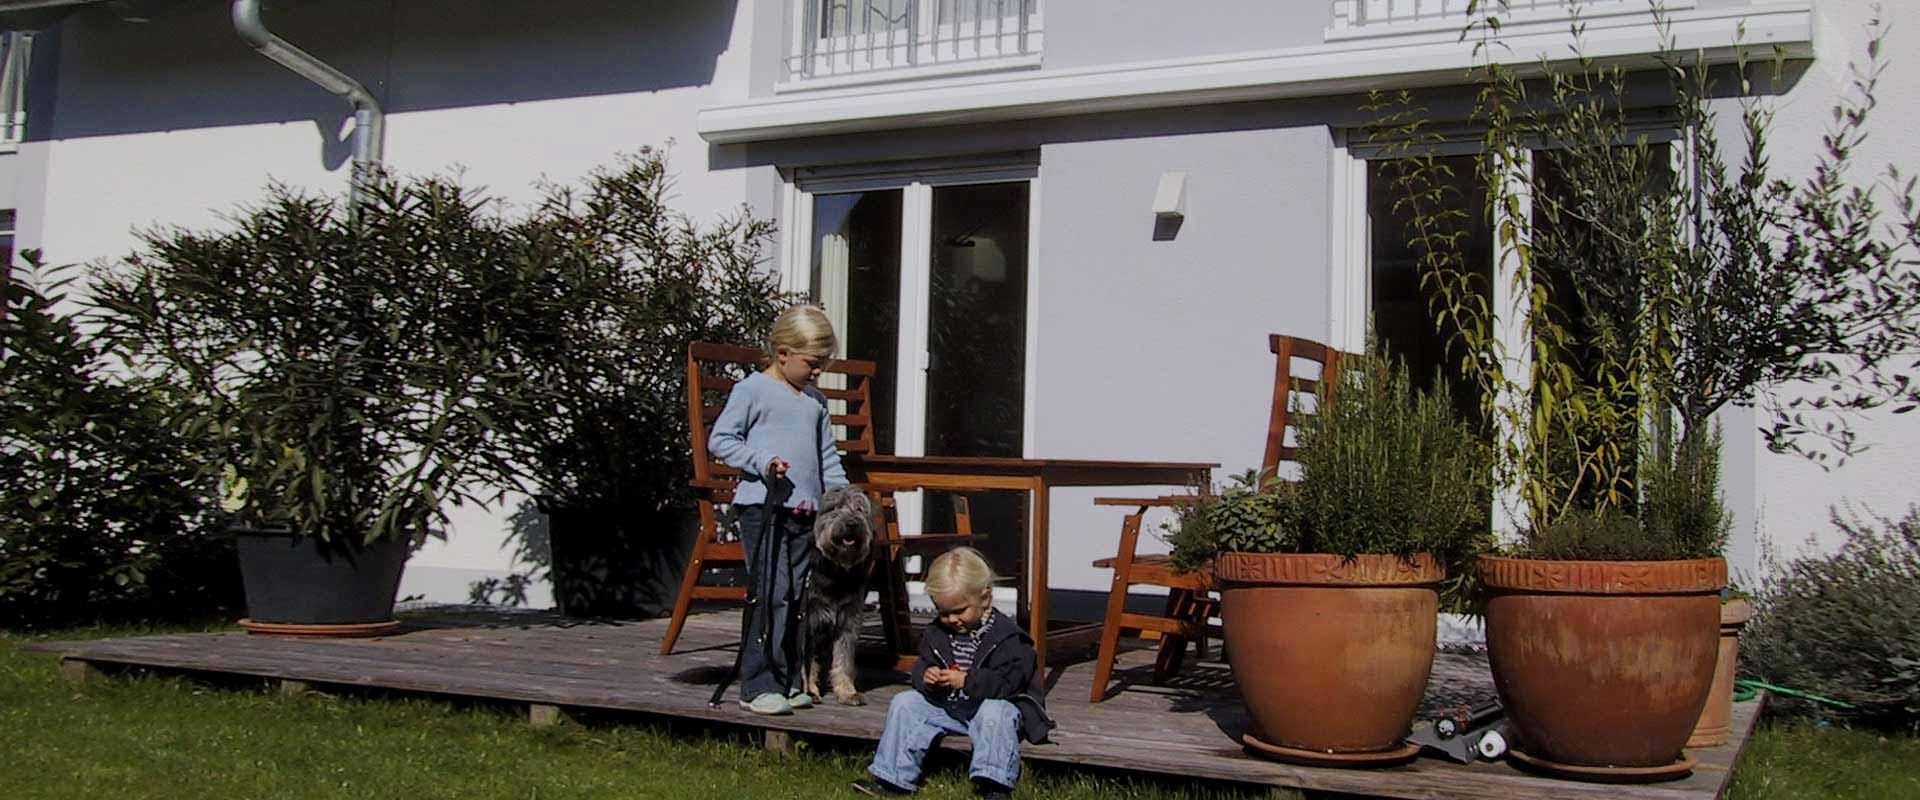 Mietwohnungen für Familien bei Dier Wohnbau